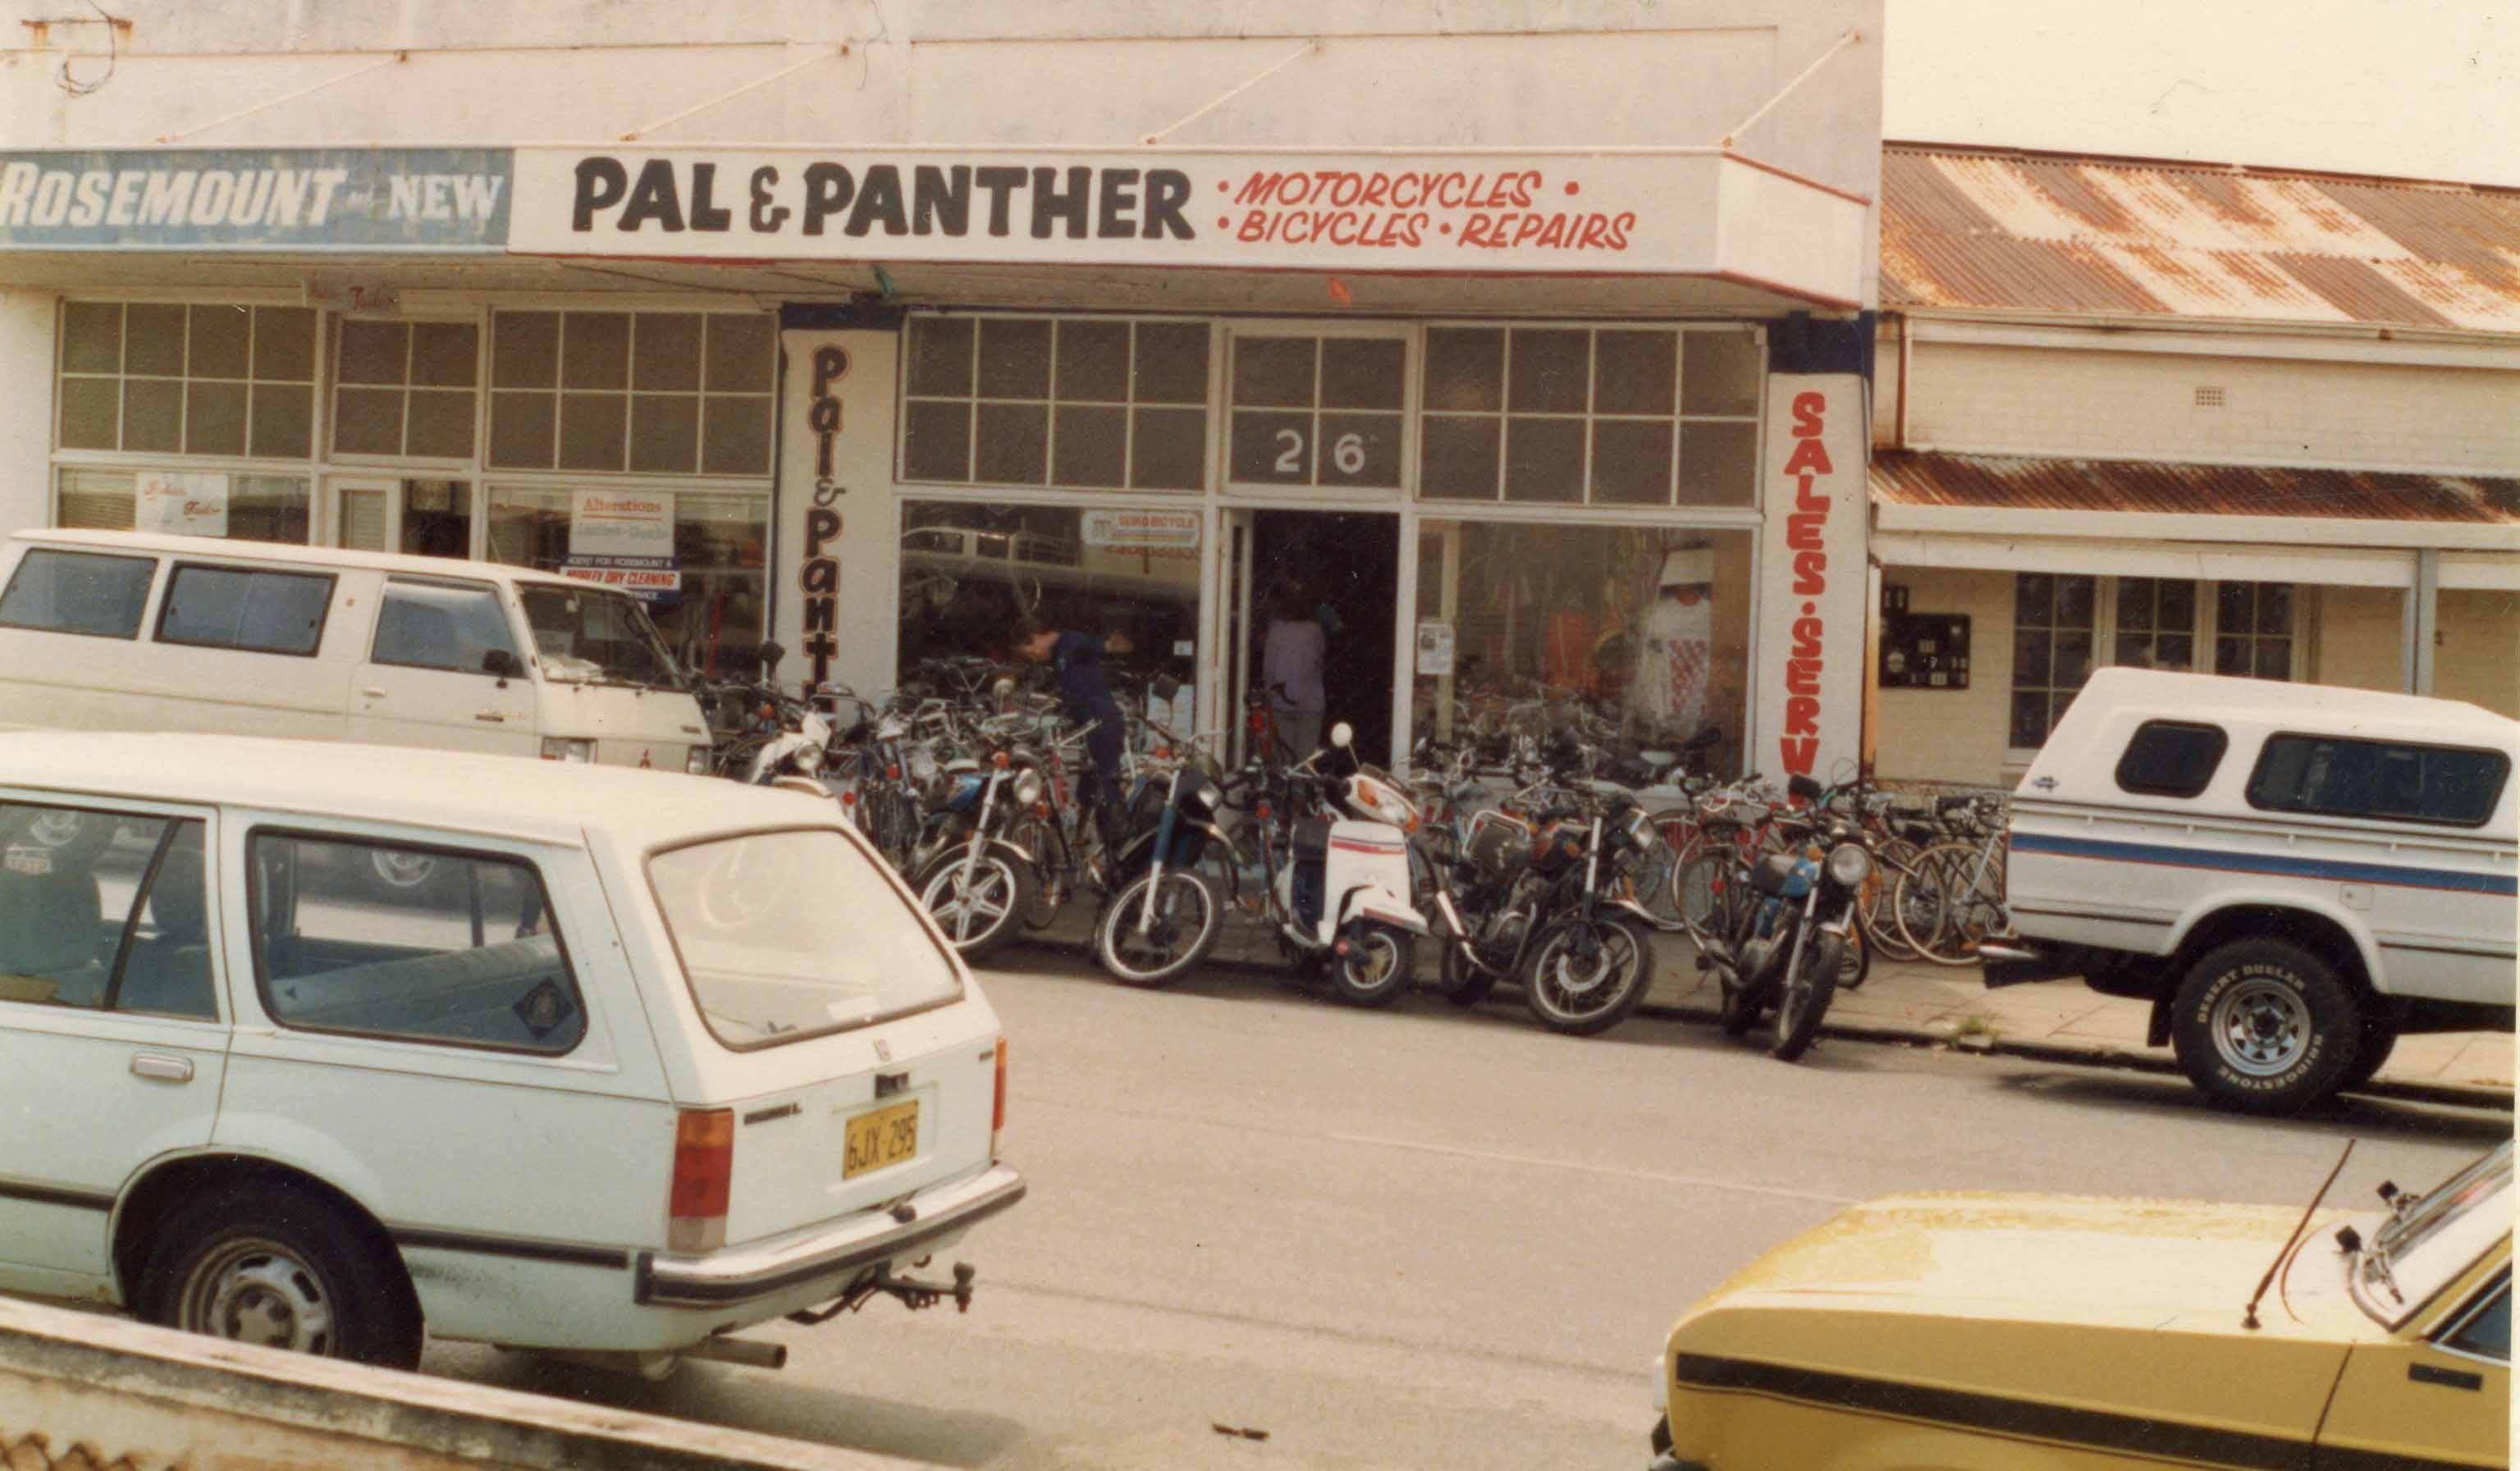 152. Pan & Panther Angove Street